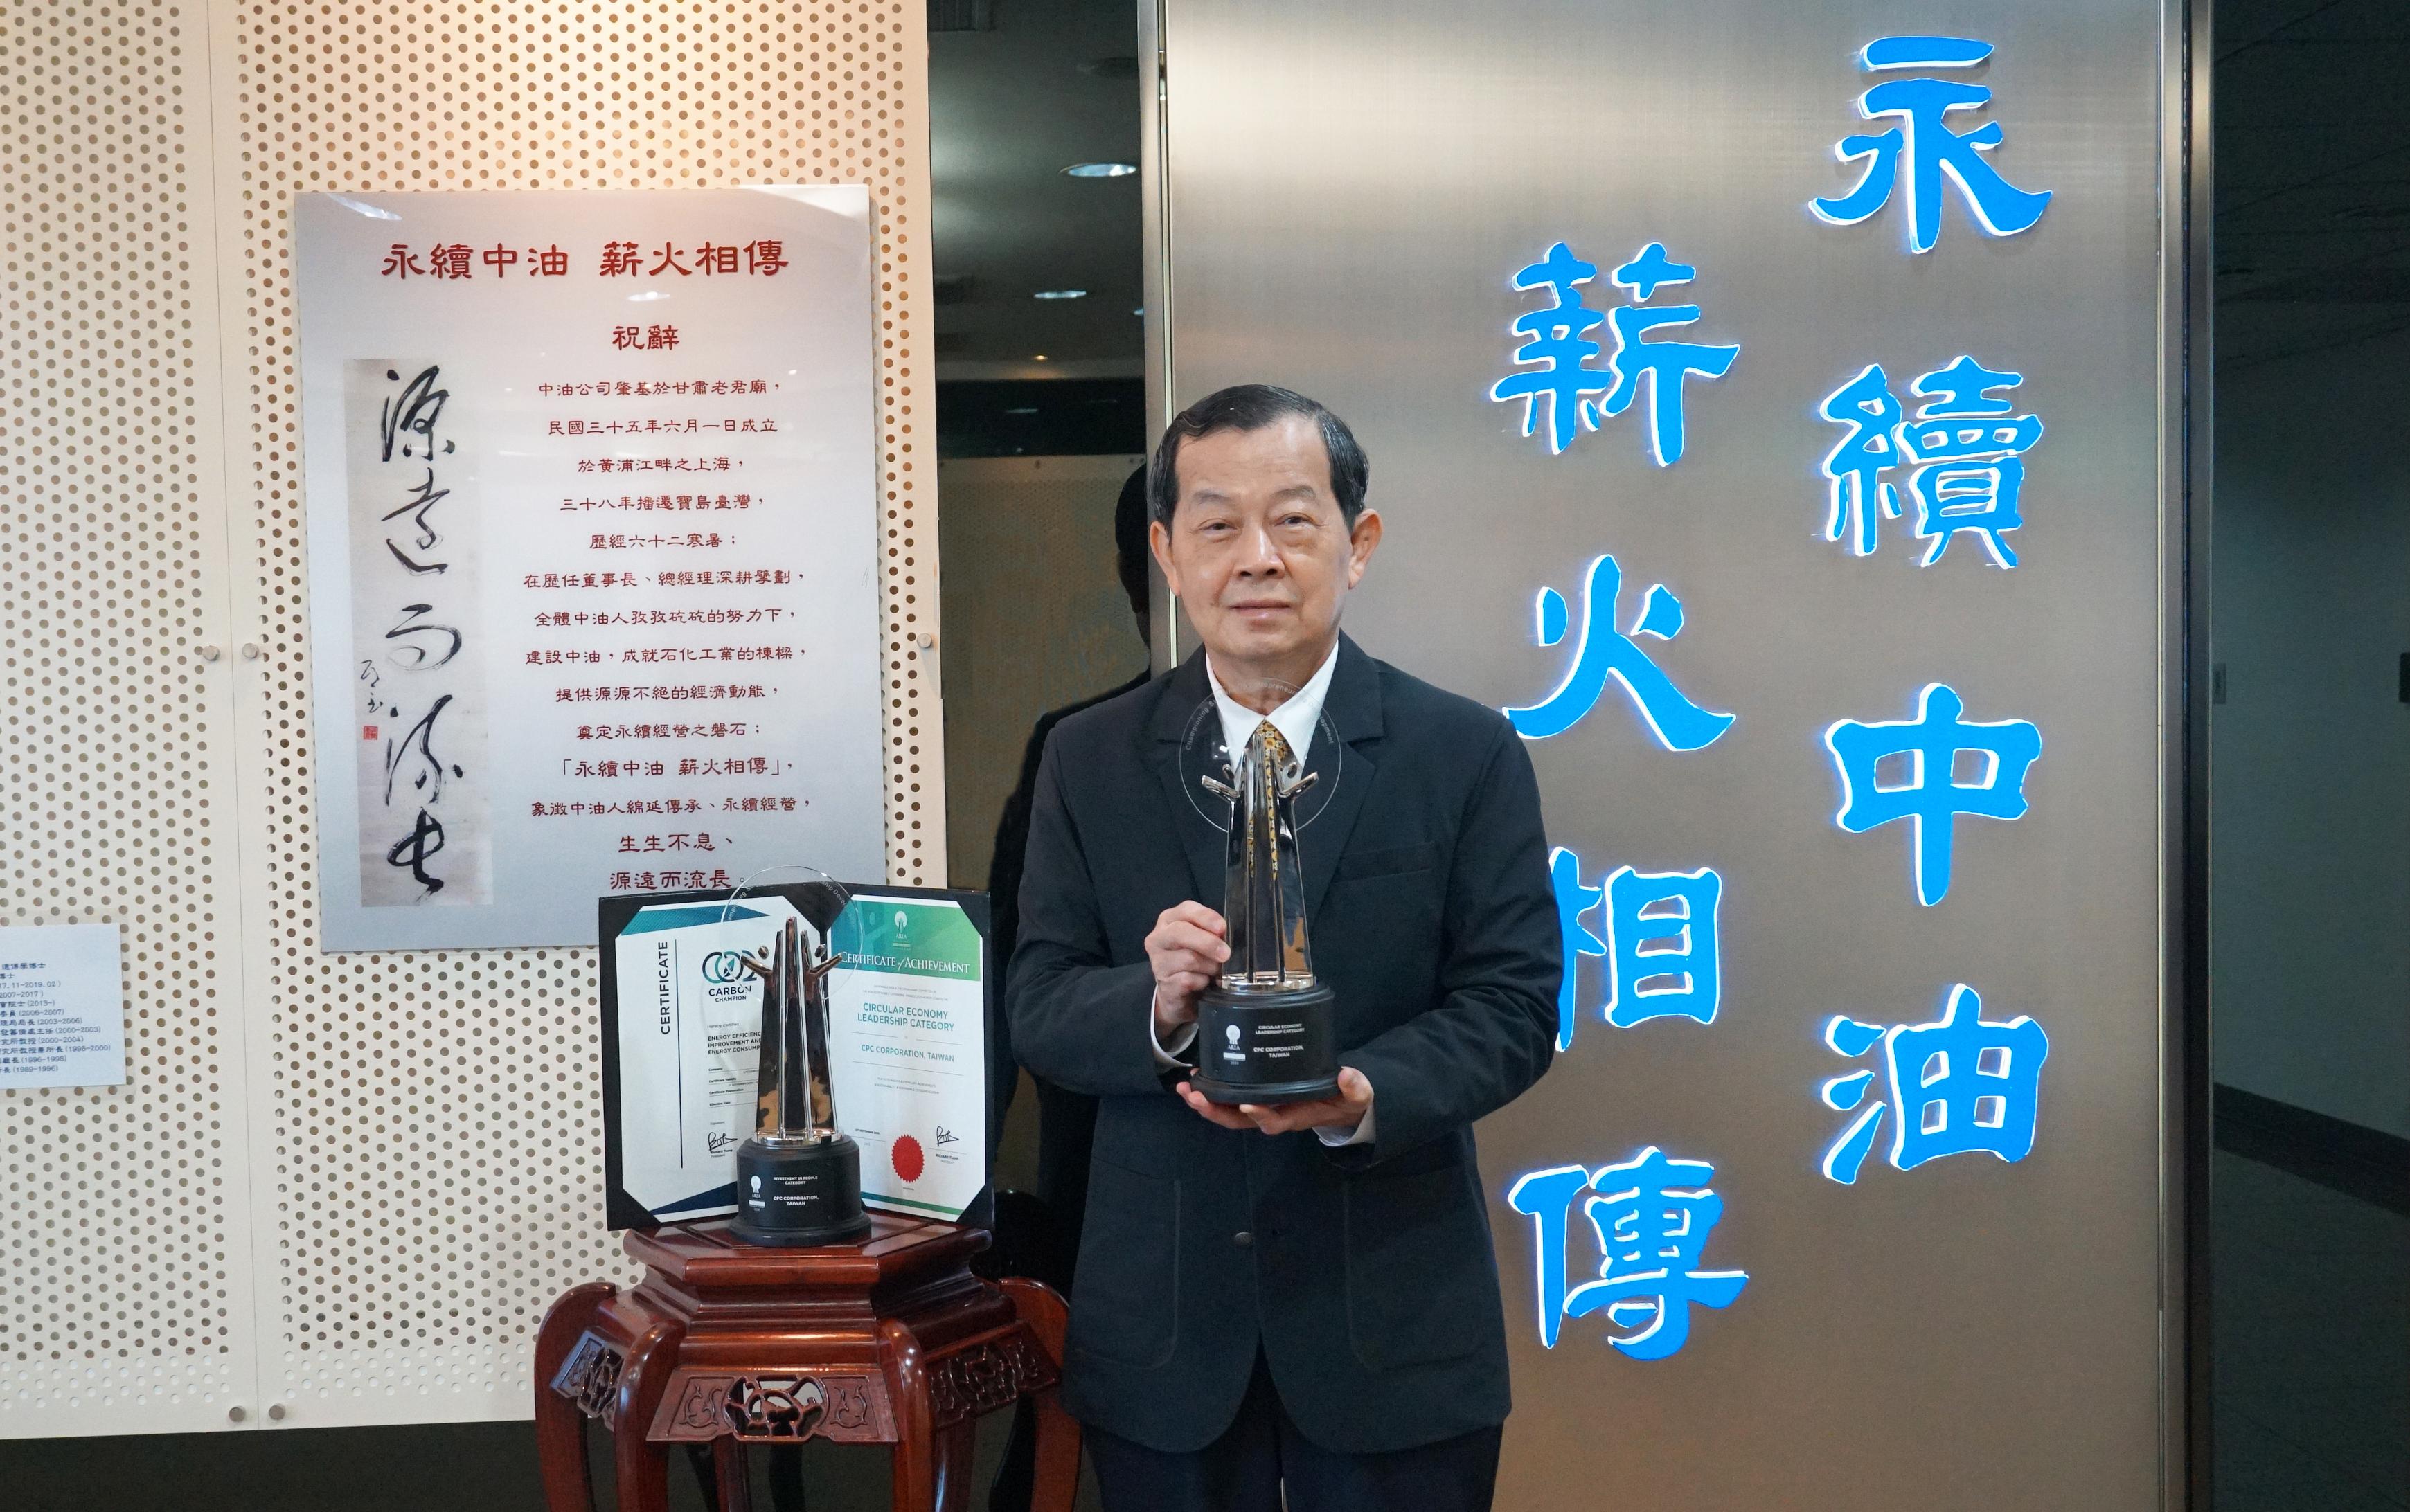 台灣中油榮獲「亞洲企業社會責任獎」勇奪雙獎項